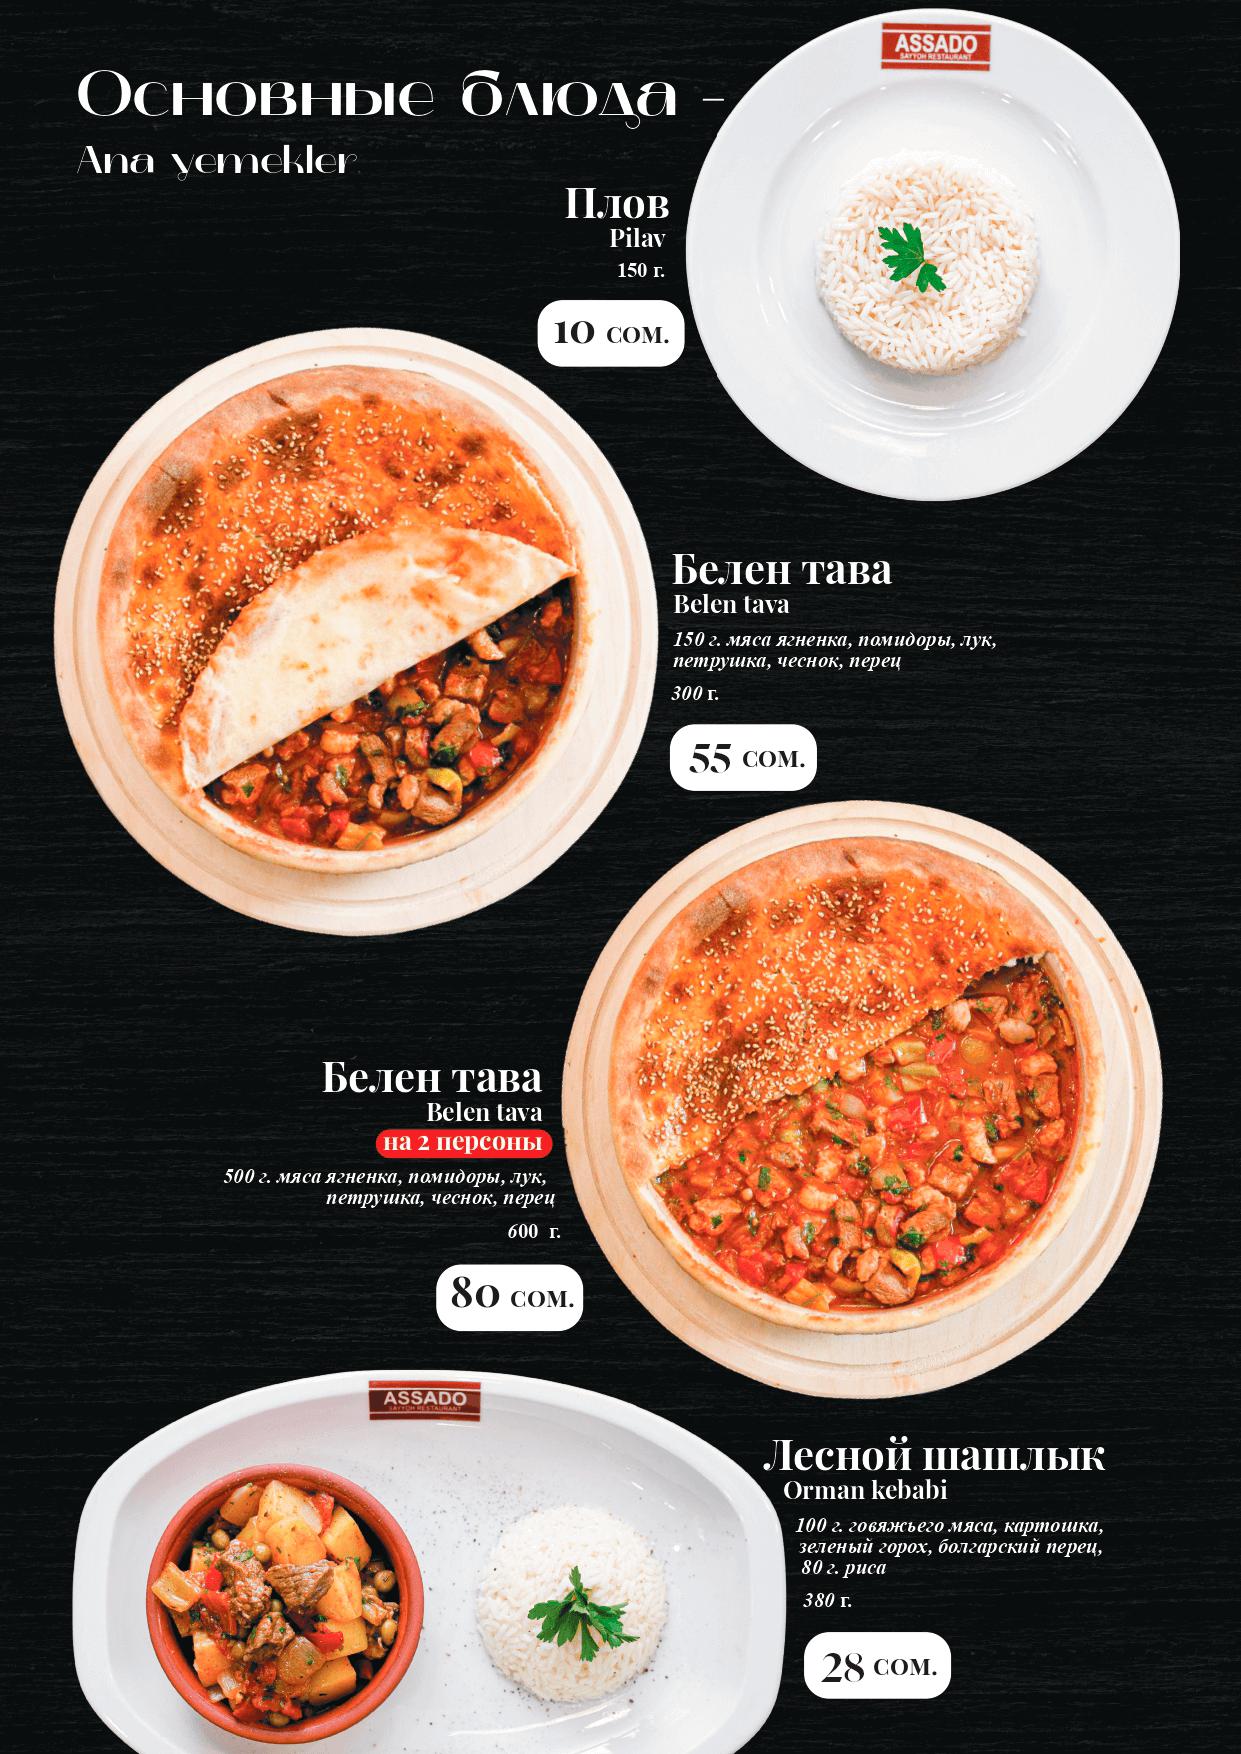 Assado_menu_page-0023